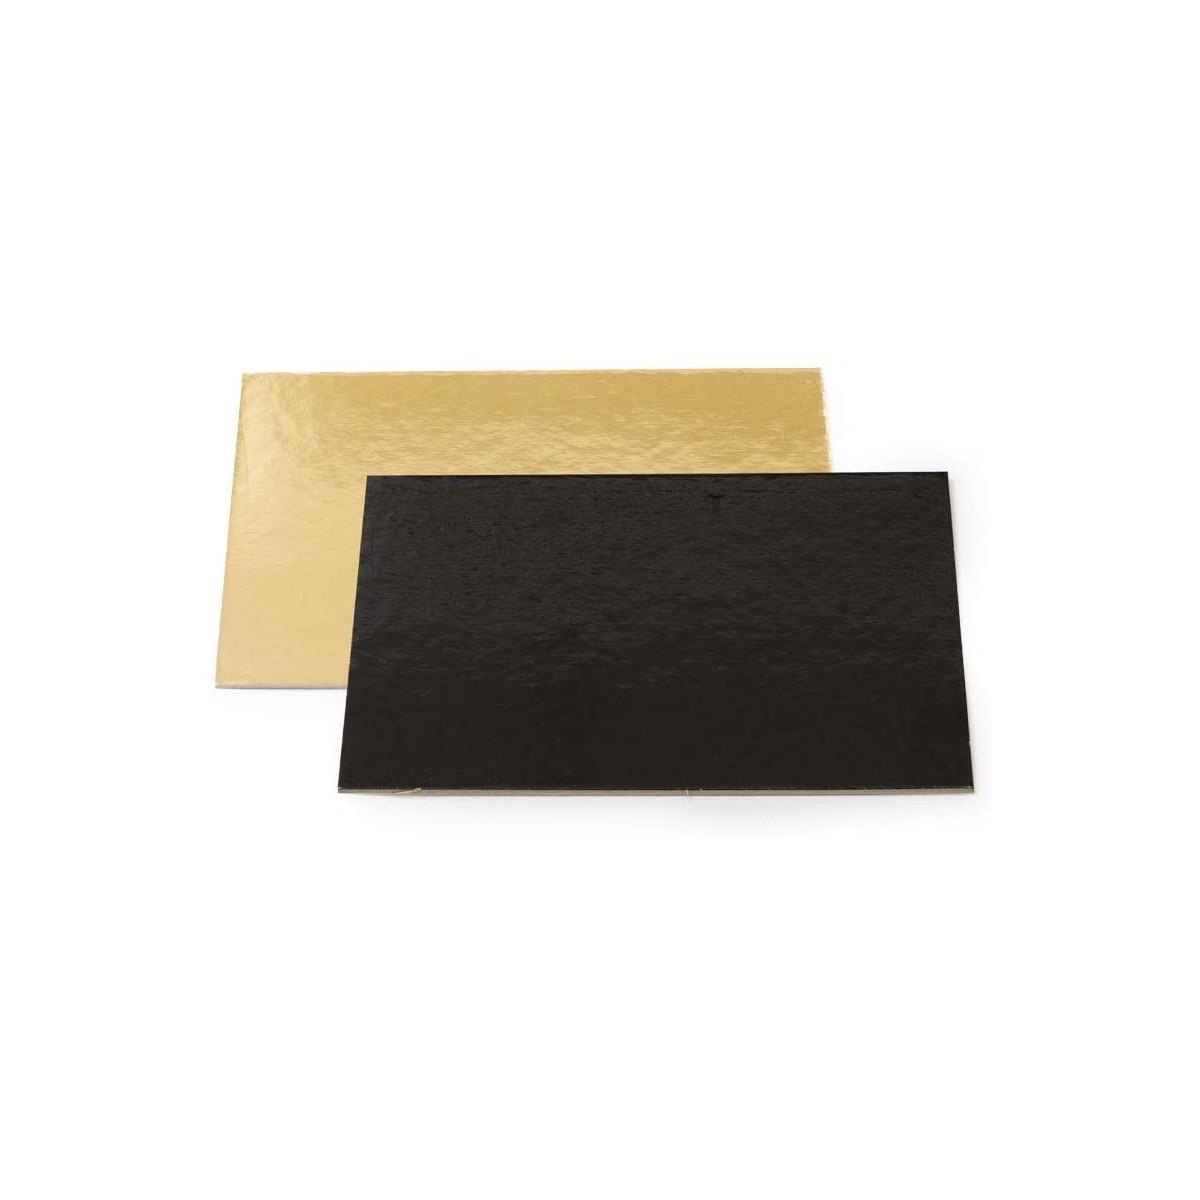 Piatto torta rettangolare colore oro e neo, da 40 x 30 cm